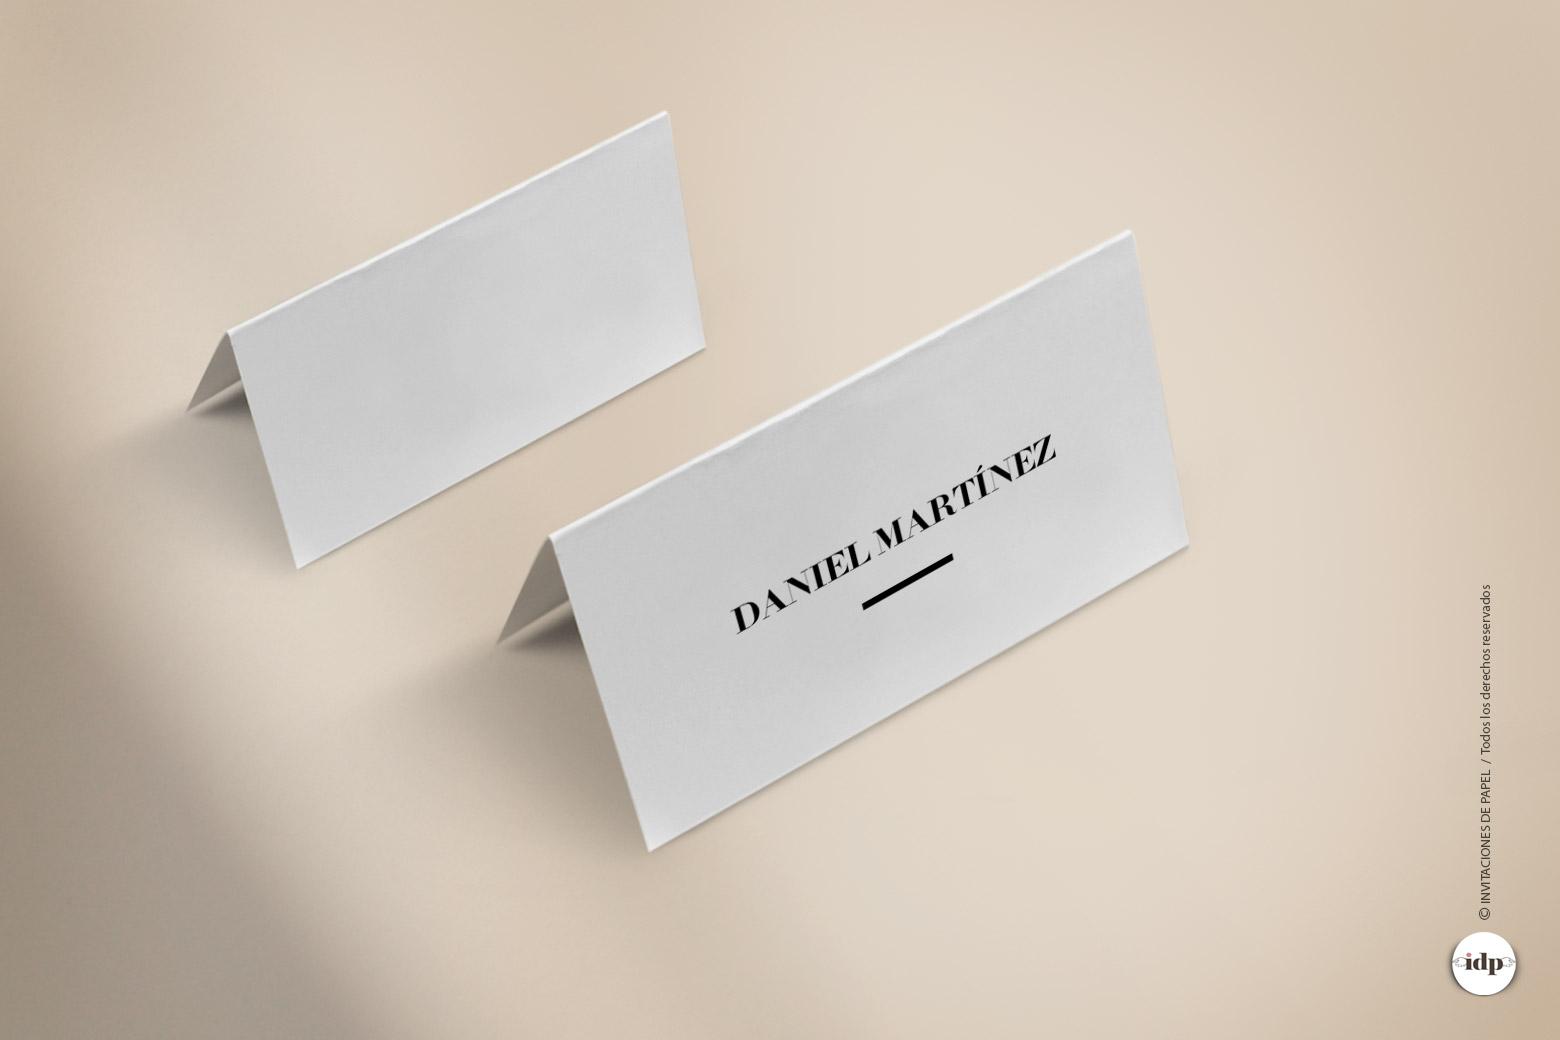 Puesto de Mesa para Boda o Marcasitio Original, Moderno y Sencillo letter